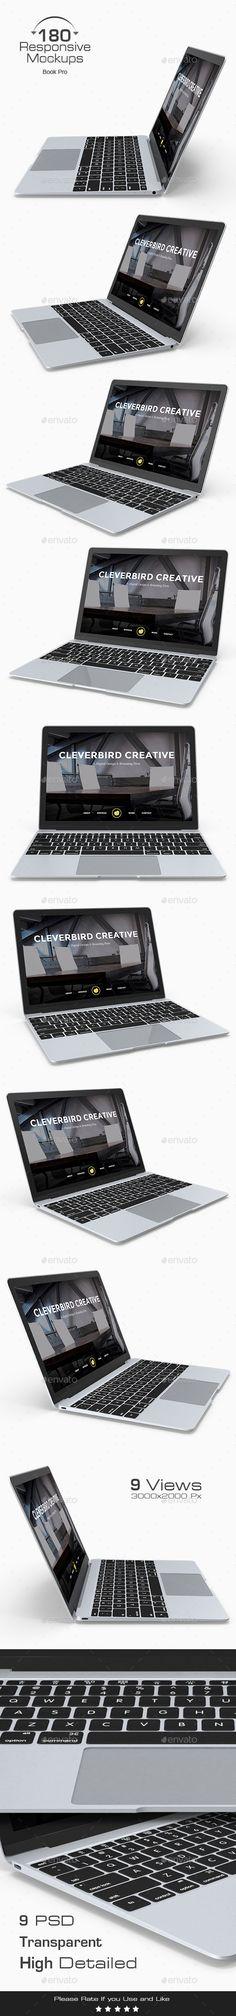 180 Responsive 3D Mockup - Mac Book Pro